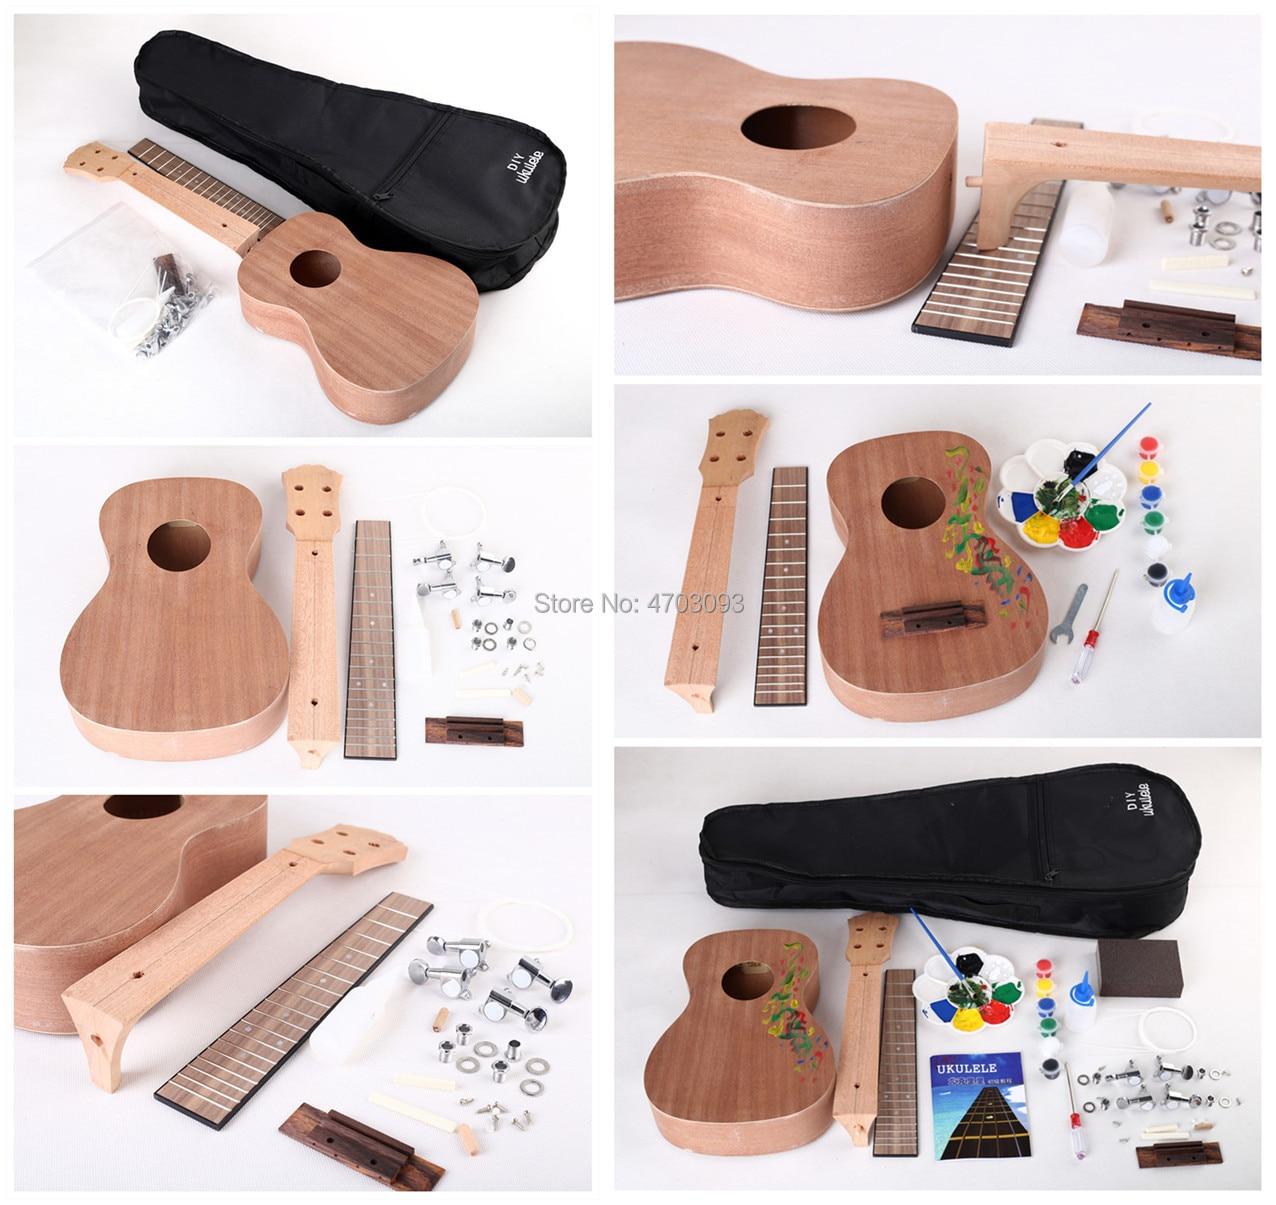 Ukulélé bricolage, corps en acajou, guitare acoustique 23 pouces, Fretboard en palissandre, livraison gratuite - 2